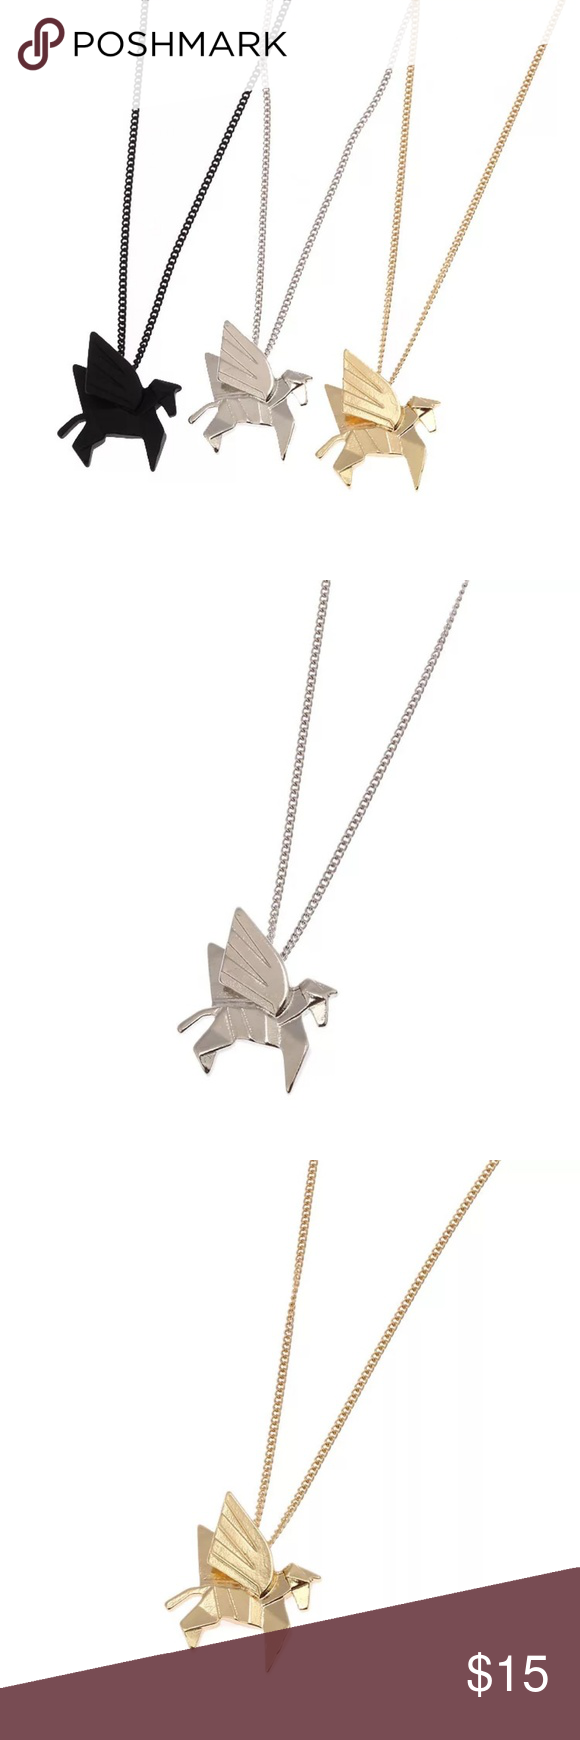 Photo of Origami Unicorn Necklace These unicorn necklaces really look like folded paper i…